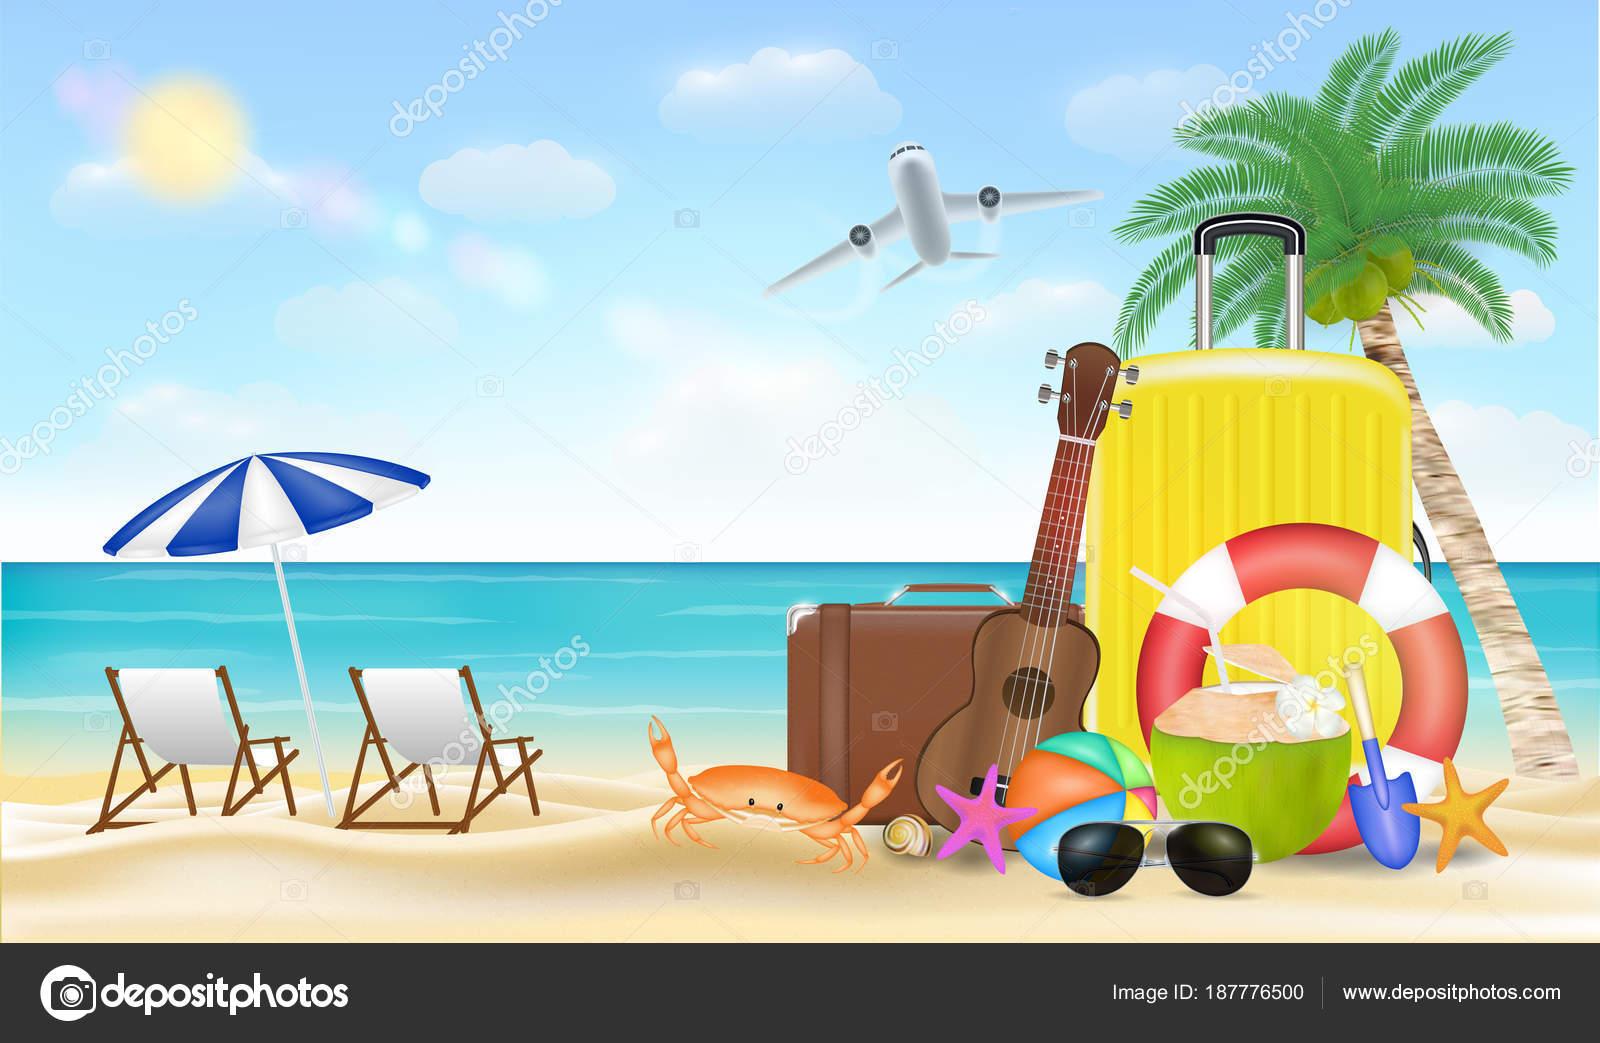 Vacaciones Verano Con Bolsa Viaje Playa Arena Mar Archivo Imágenes